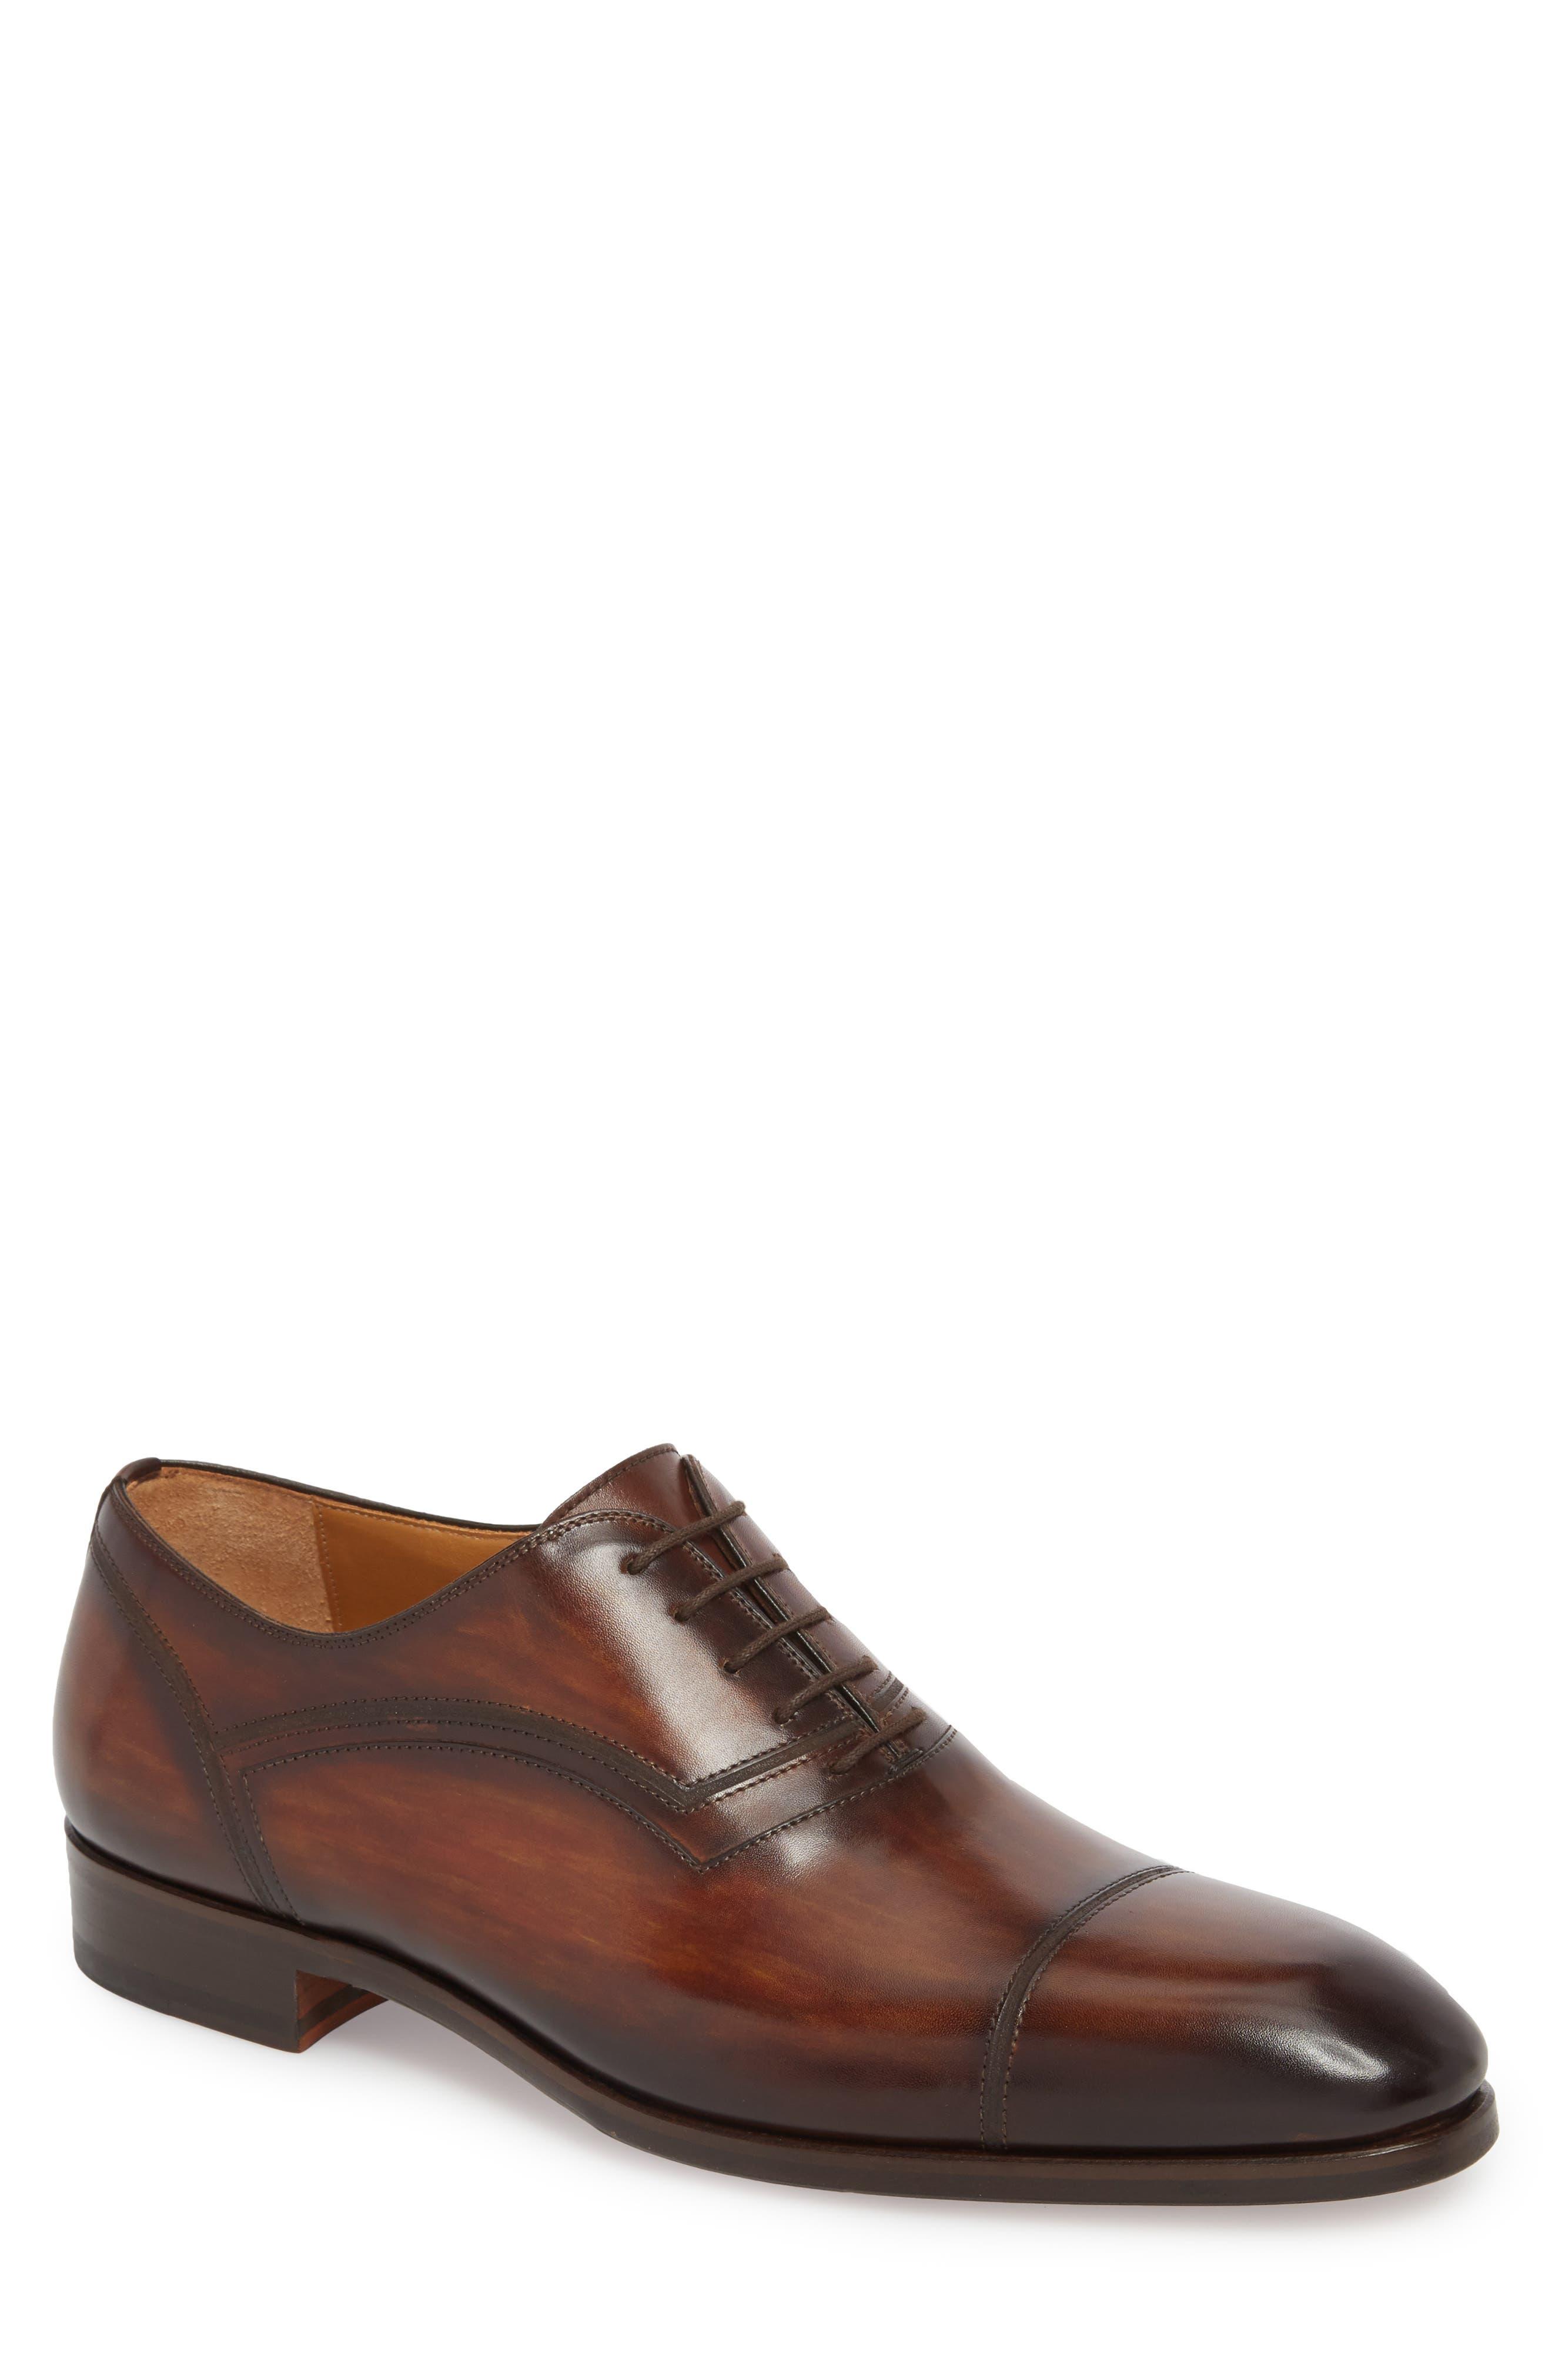 Cadiz Whole Cut Shoe,                             Main thumbnail 1, color,                             TOBACCO LEATHER